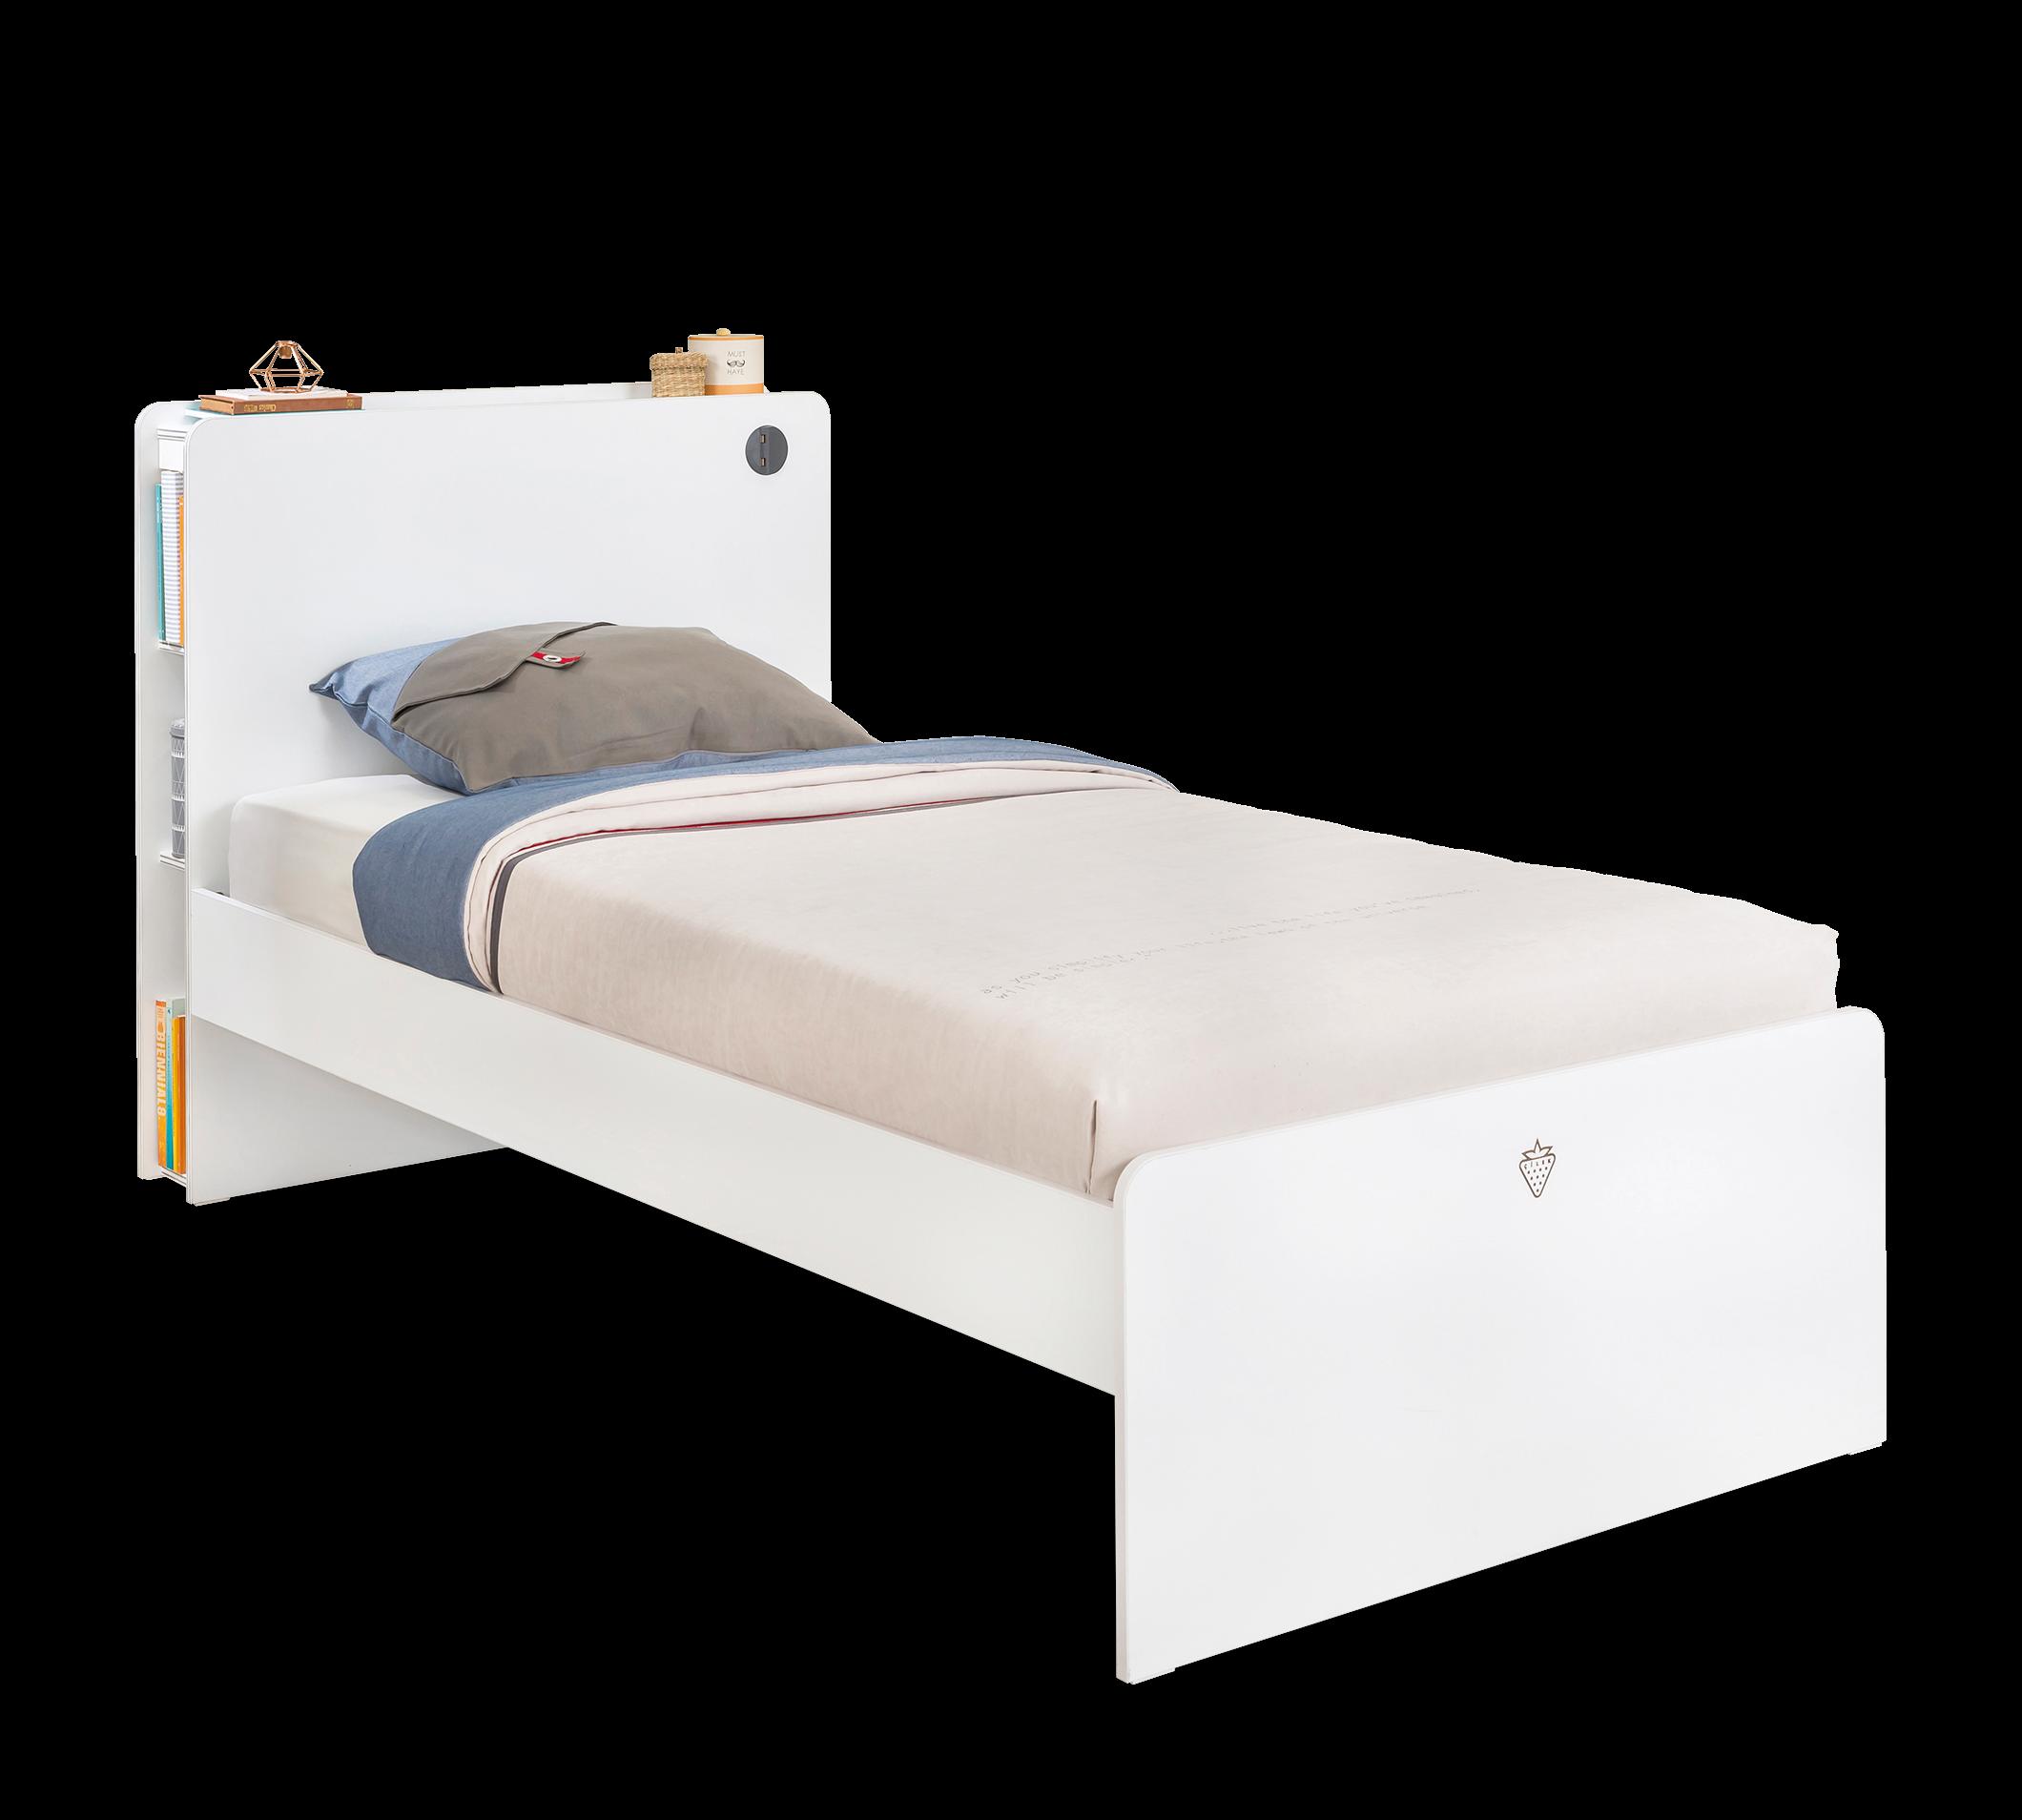 Full Size of Prinzessinen Bett Französische Betten Rundes Mit Unterbett Dänisches Bettenlager Badezimmer Test Rustikales Weißes 90x200 Lattenrost Und Matratze 200x220 Bett Bett 100x200